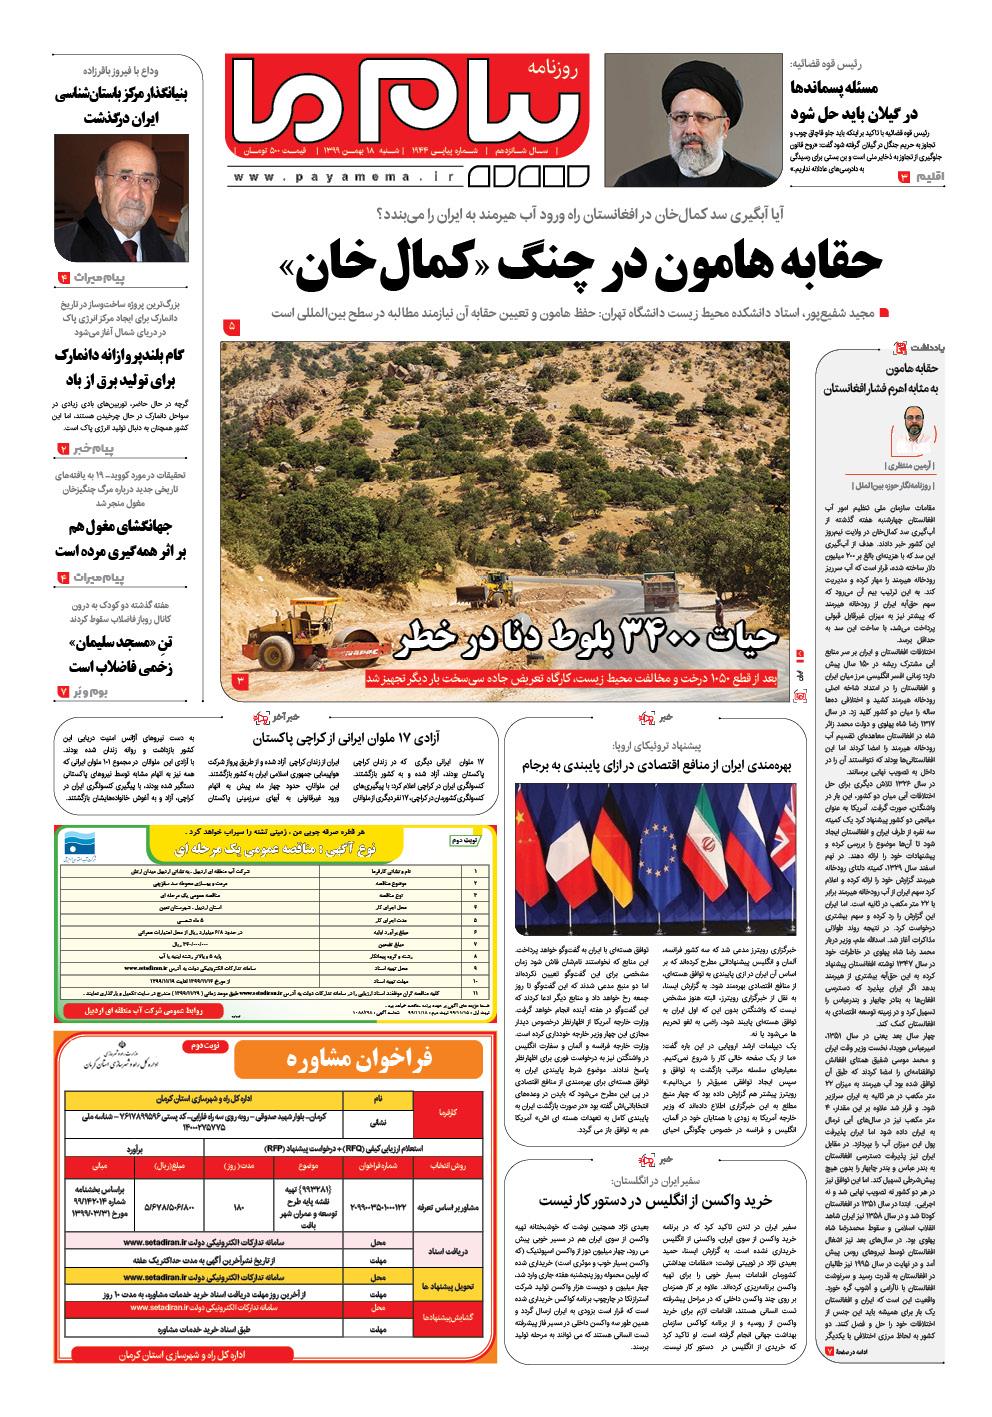 صفحه اول شماره ۱۹۴۴ روزنامه پیام ما